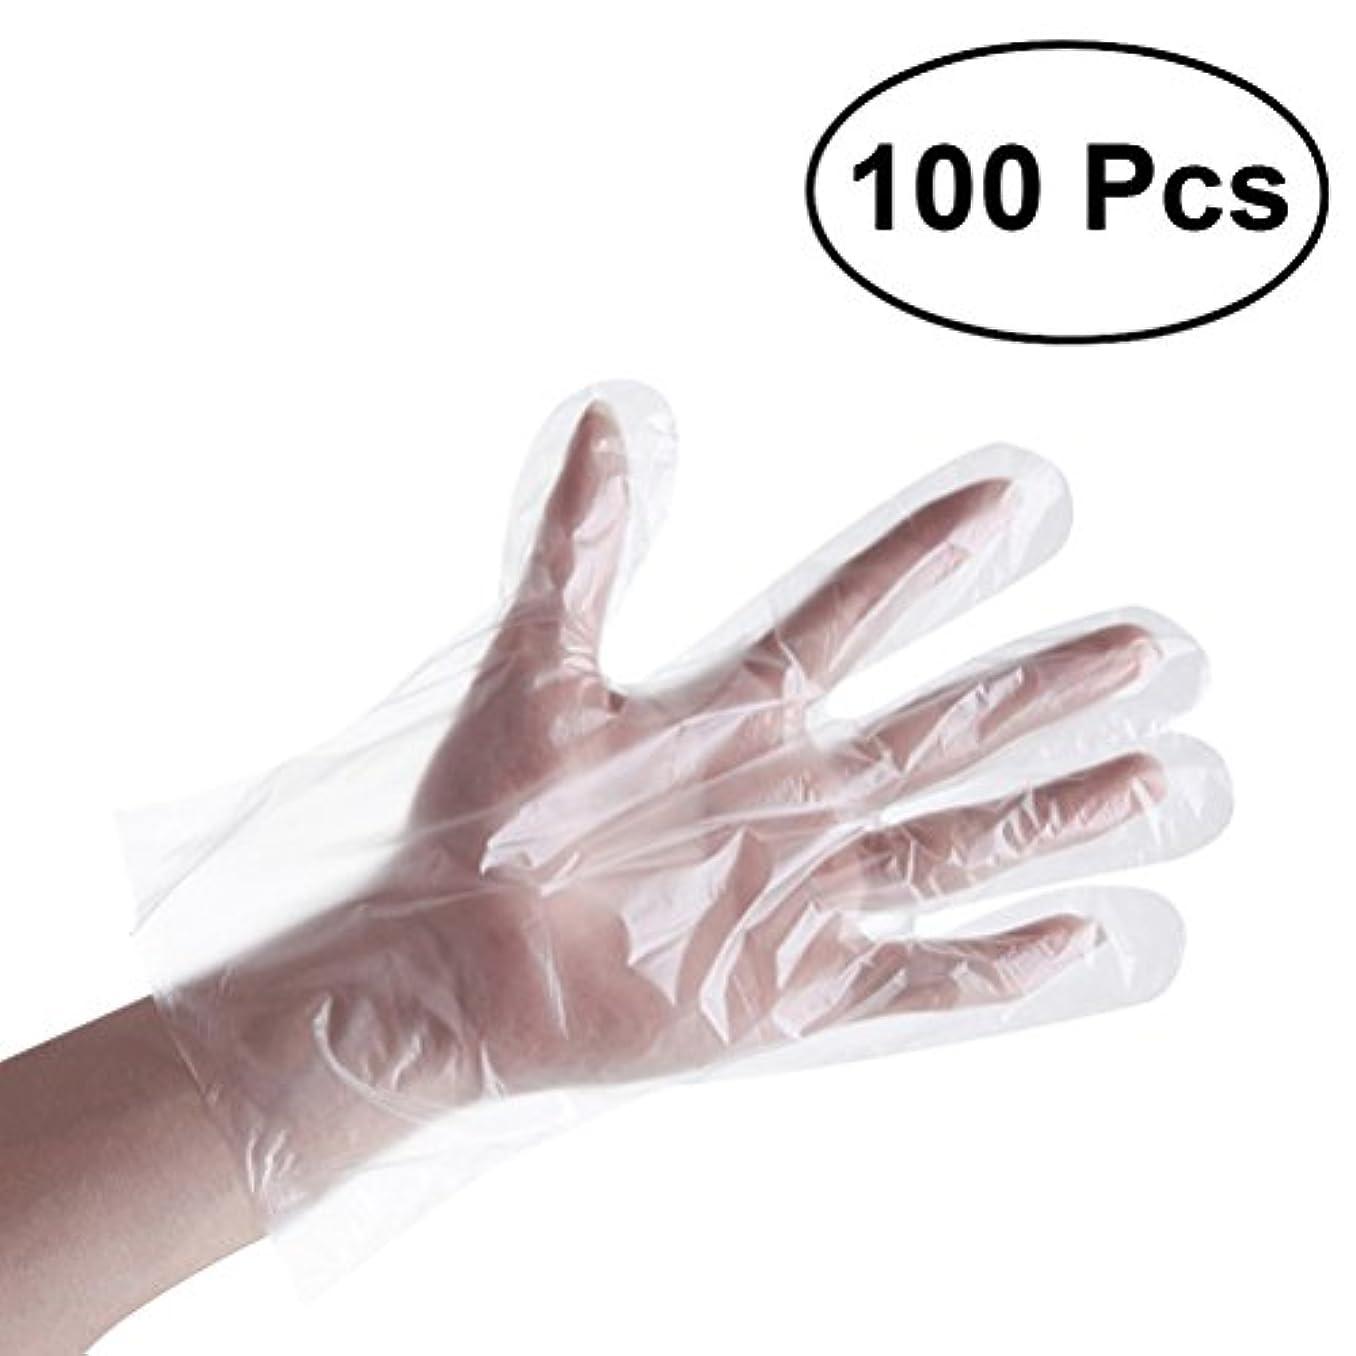 聴衆彼女自身気候の山BESTONZON 使い捨て手袋 使い捨てグローブ 透明 プラスチック 医療 クリーニング 衛生 絵画 美容 食品加工 キッチン用 100ピース